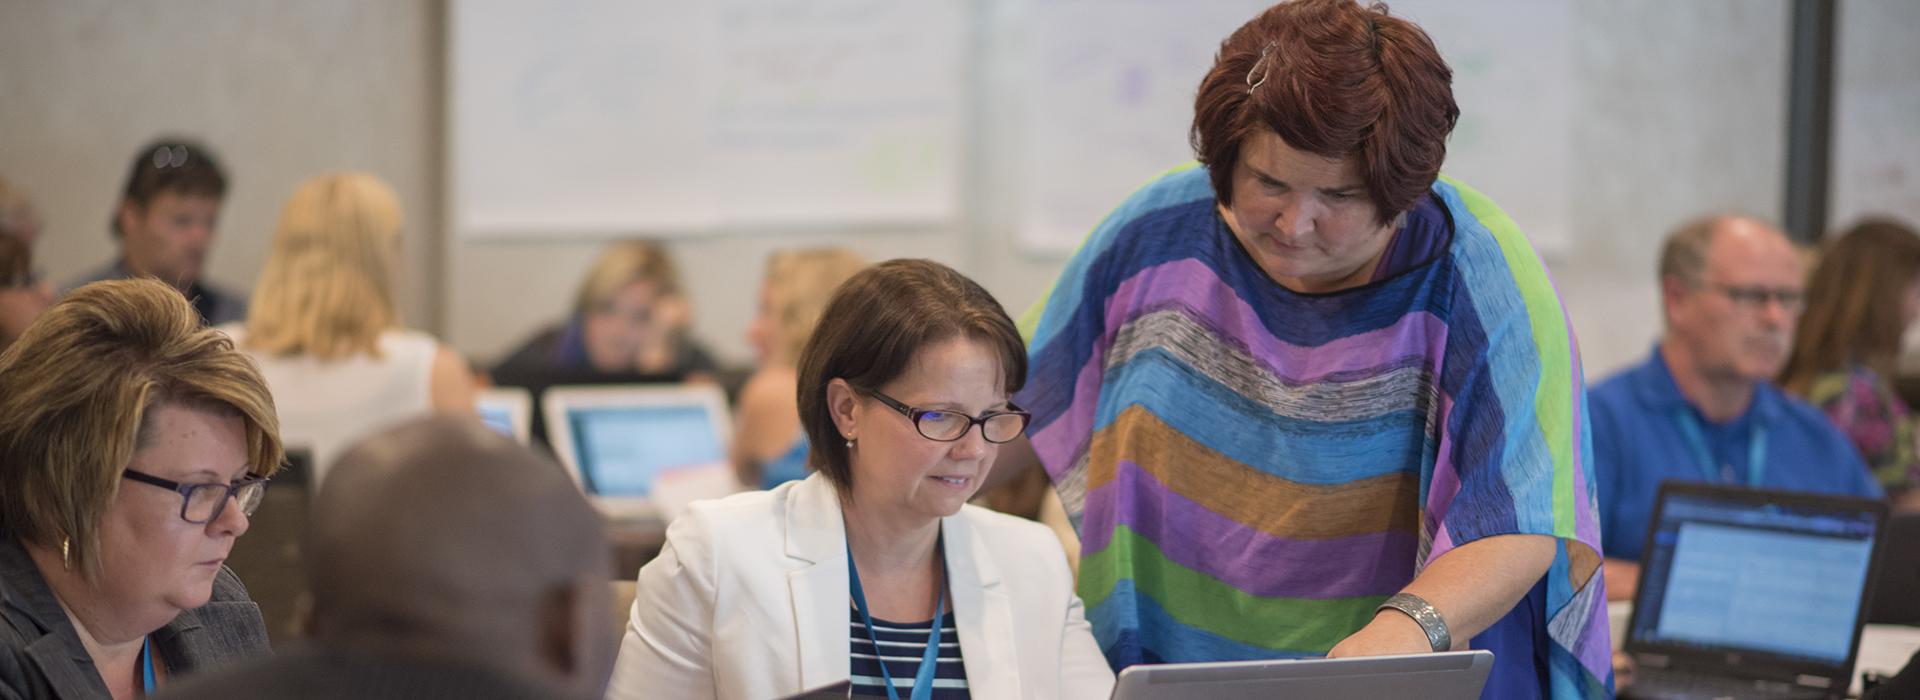 Une femme assite un autre femme sur le lab d'ordinateur